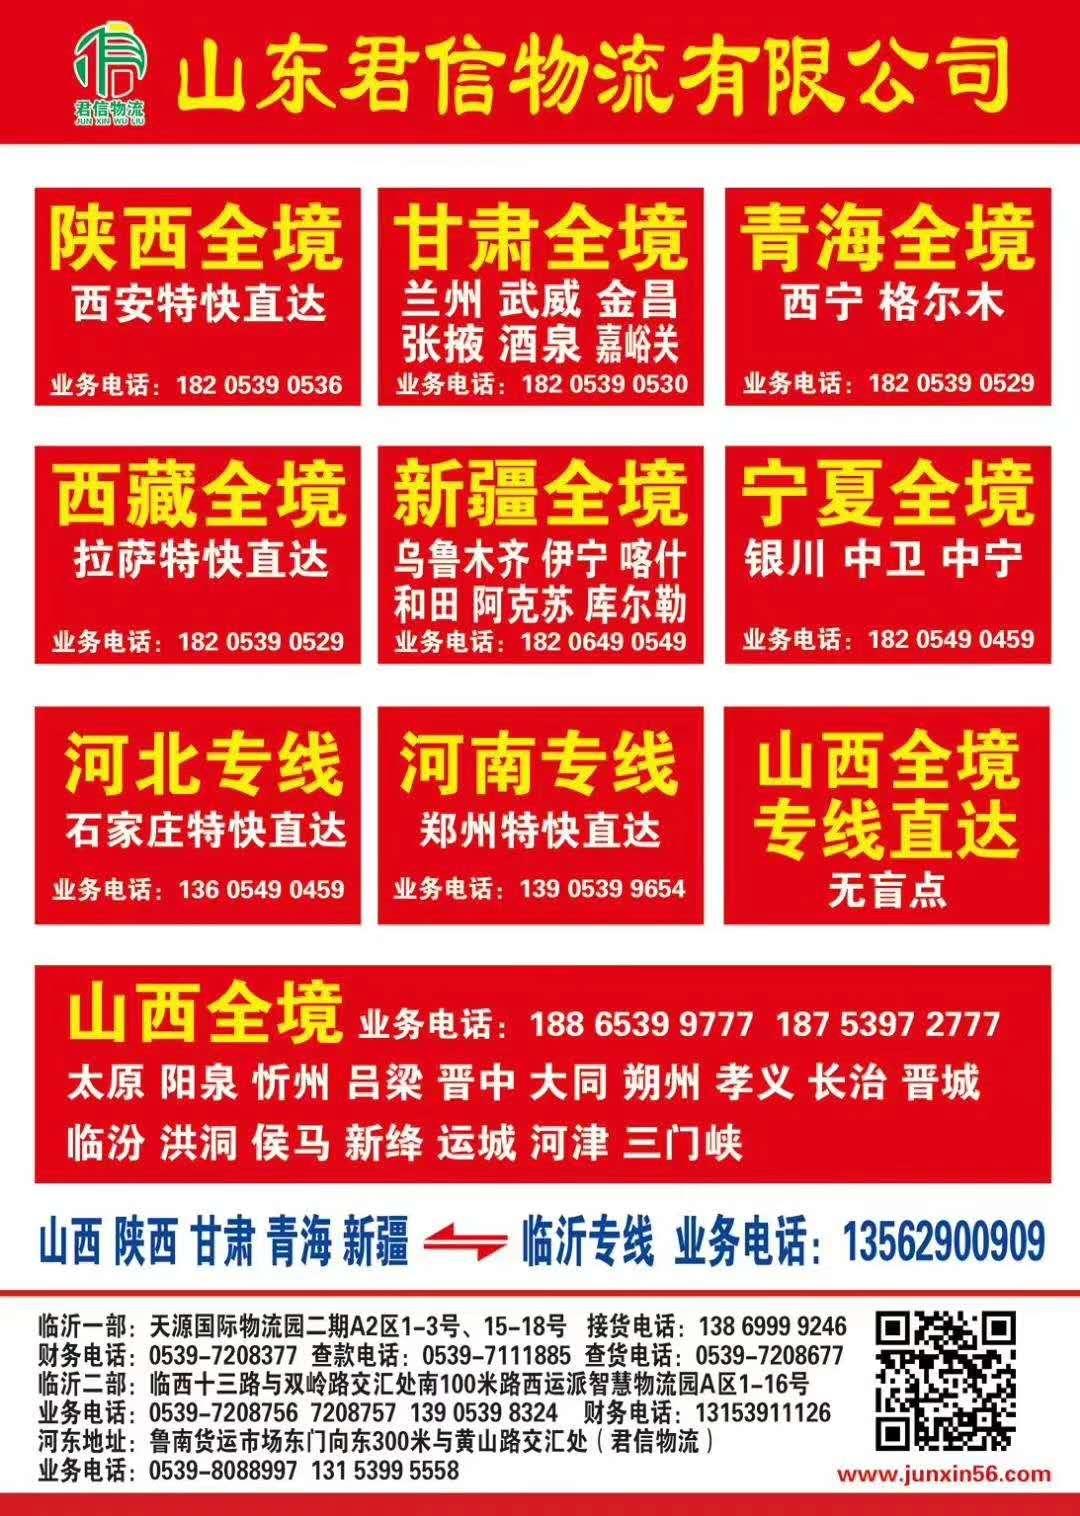 临沂到郑州龙8国际备用网站专线-库存融资的具体操作模式